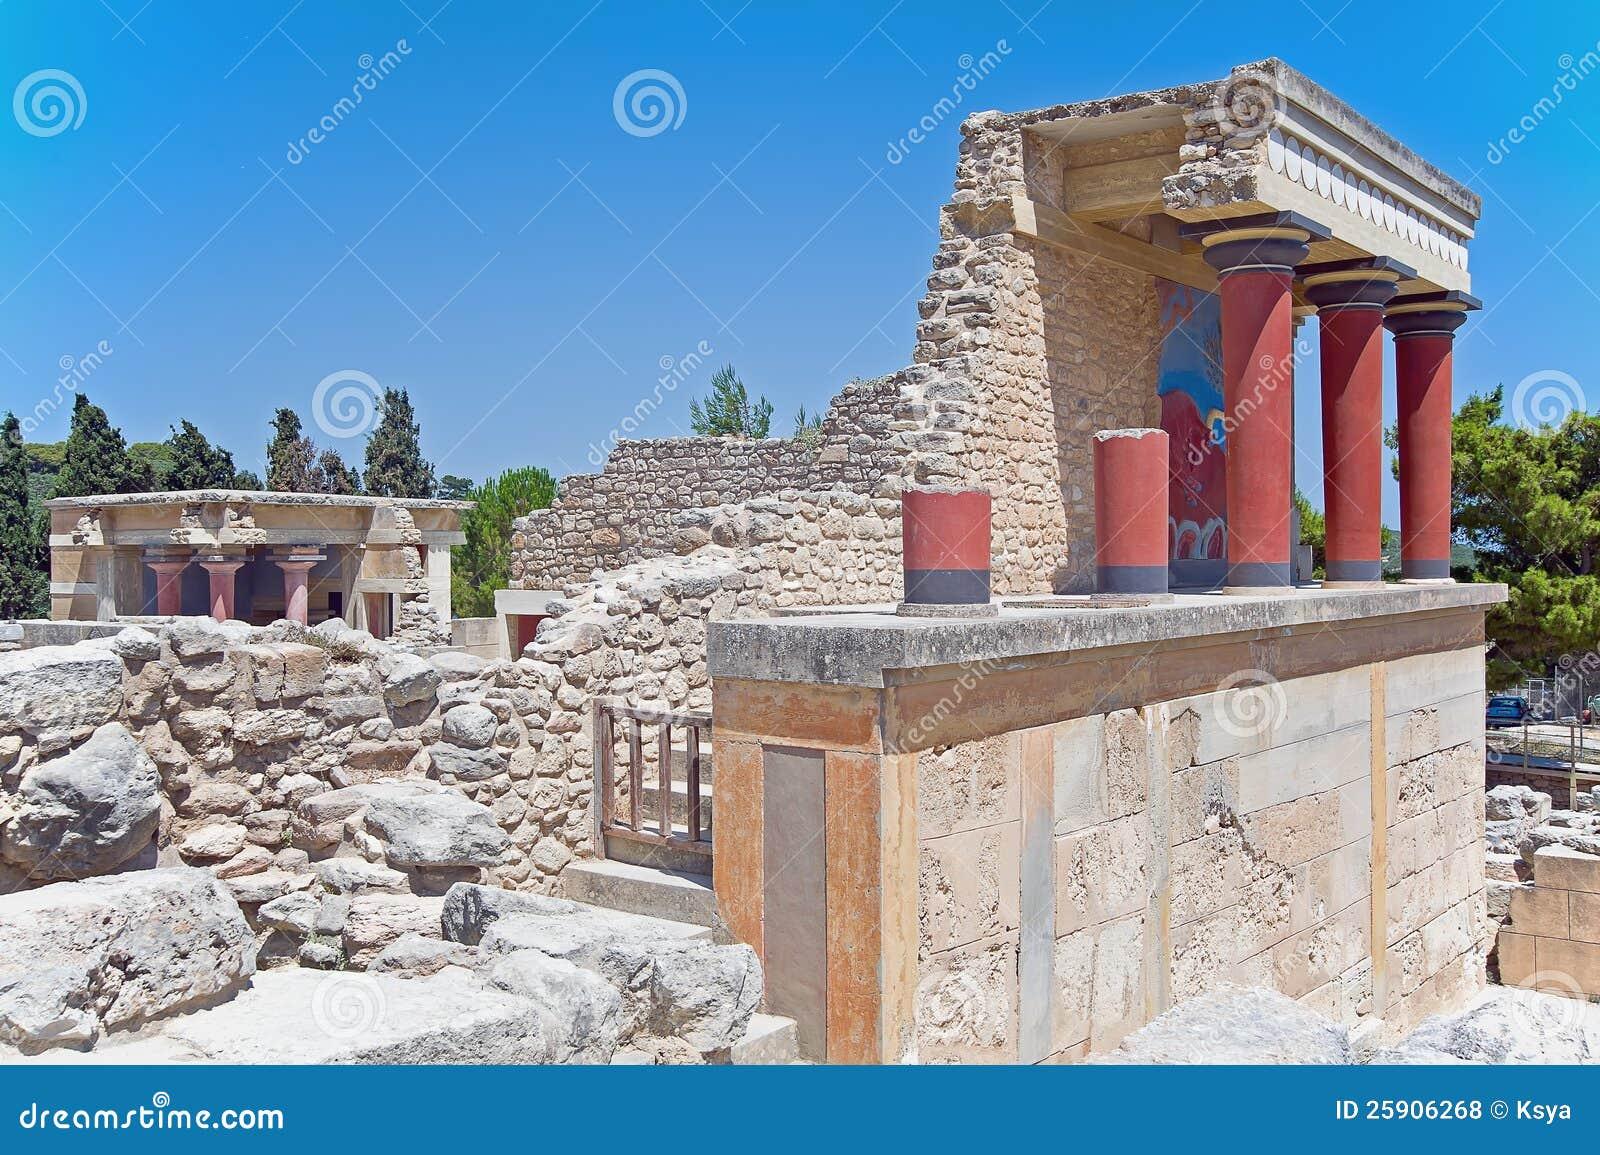 De ingang van het noorden van knossos paleis kreta griekenland stock foto afbeelding 25906268 - Ingang van het hedendaagse huis ...